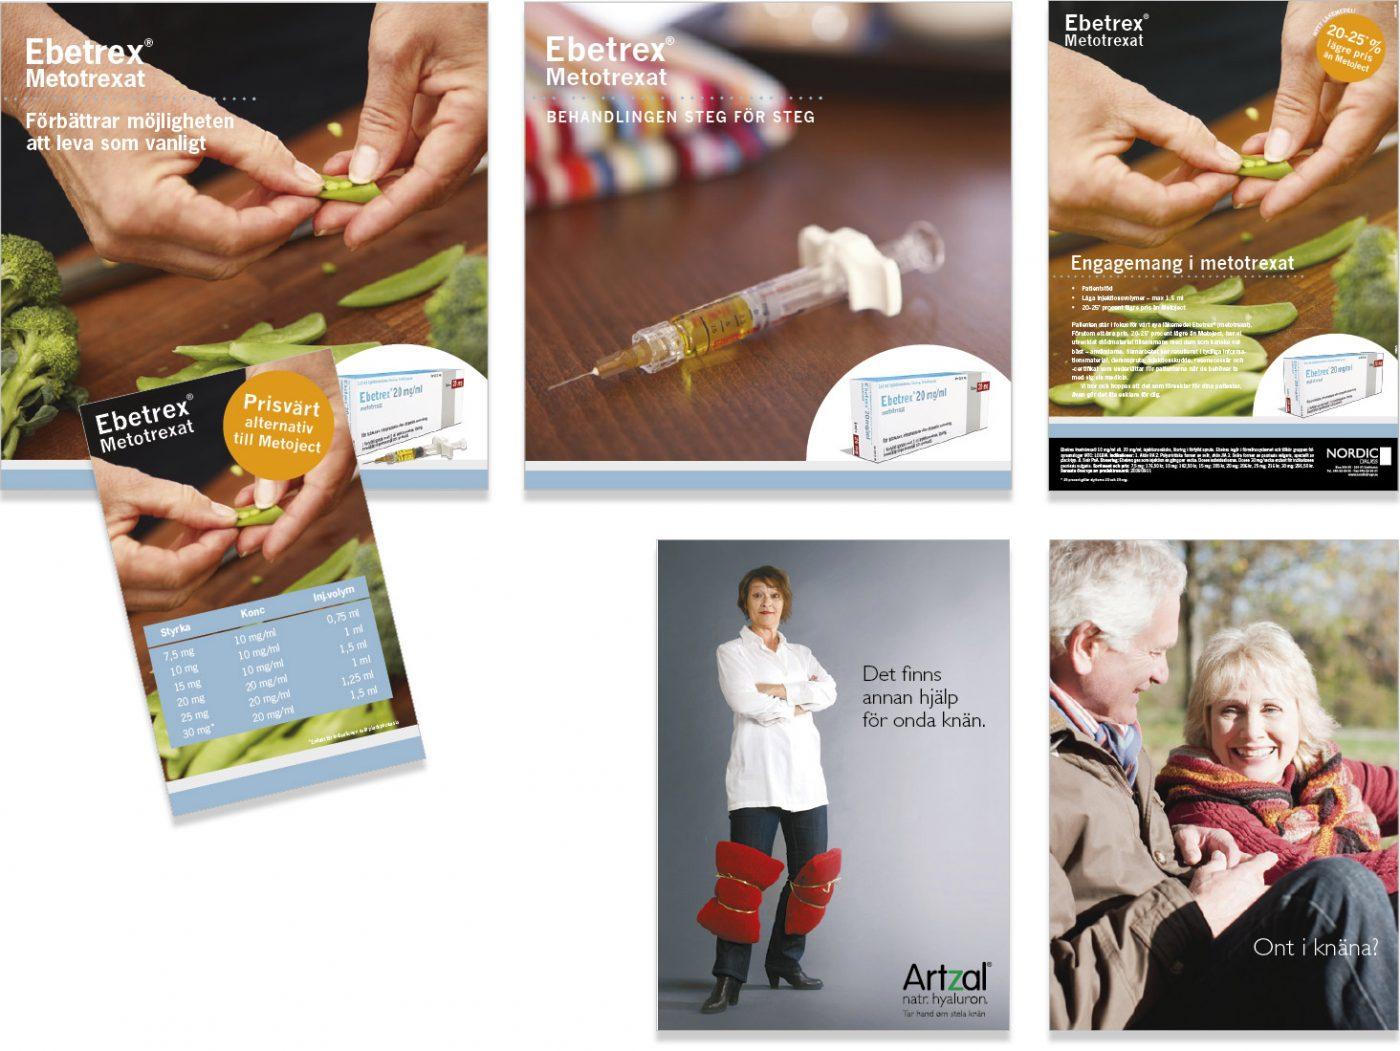 Nordic Drugs Marknadsföring Ebetrex och Artzal